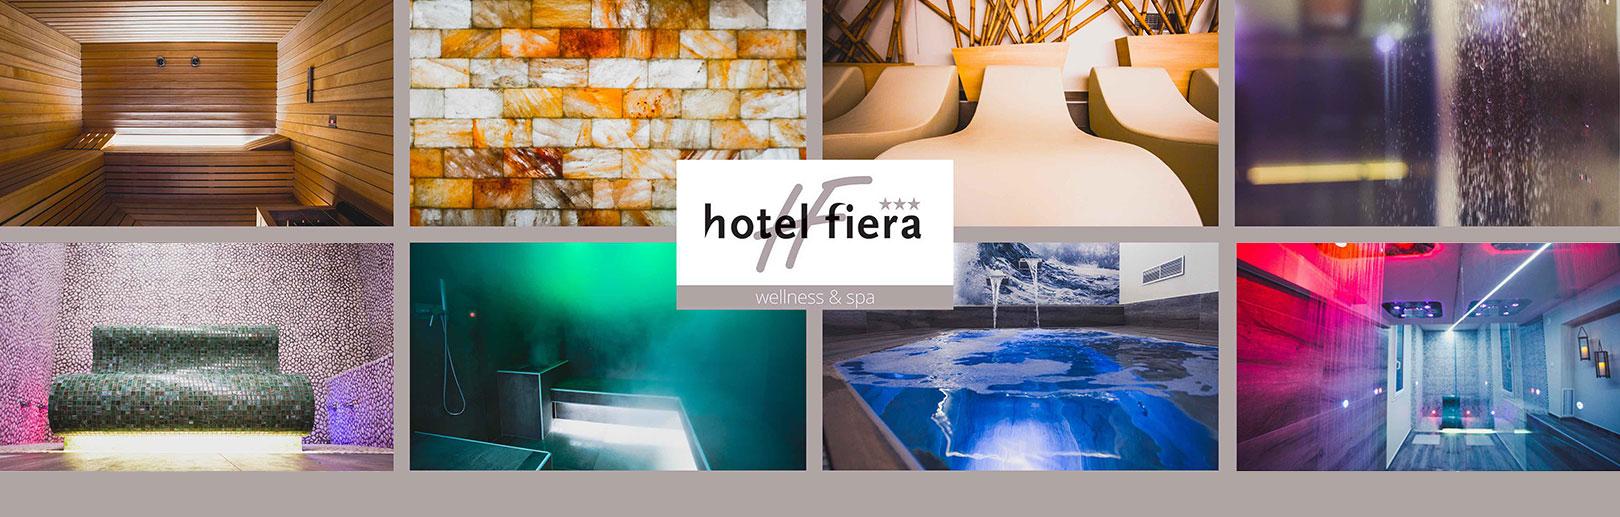 Hotel Fiera - *** stelle a Bologna in zona Fiera vicino a ...